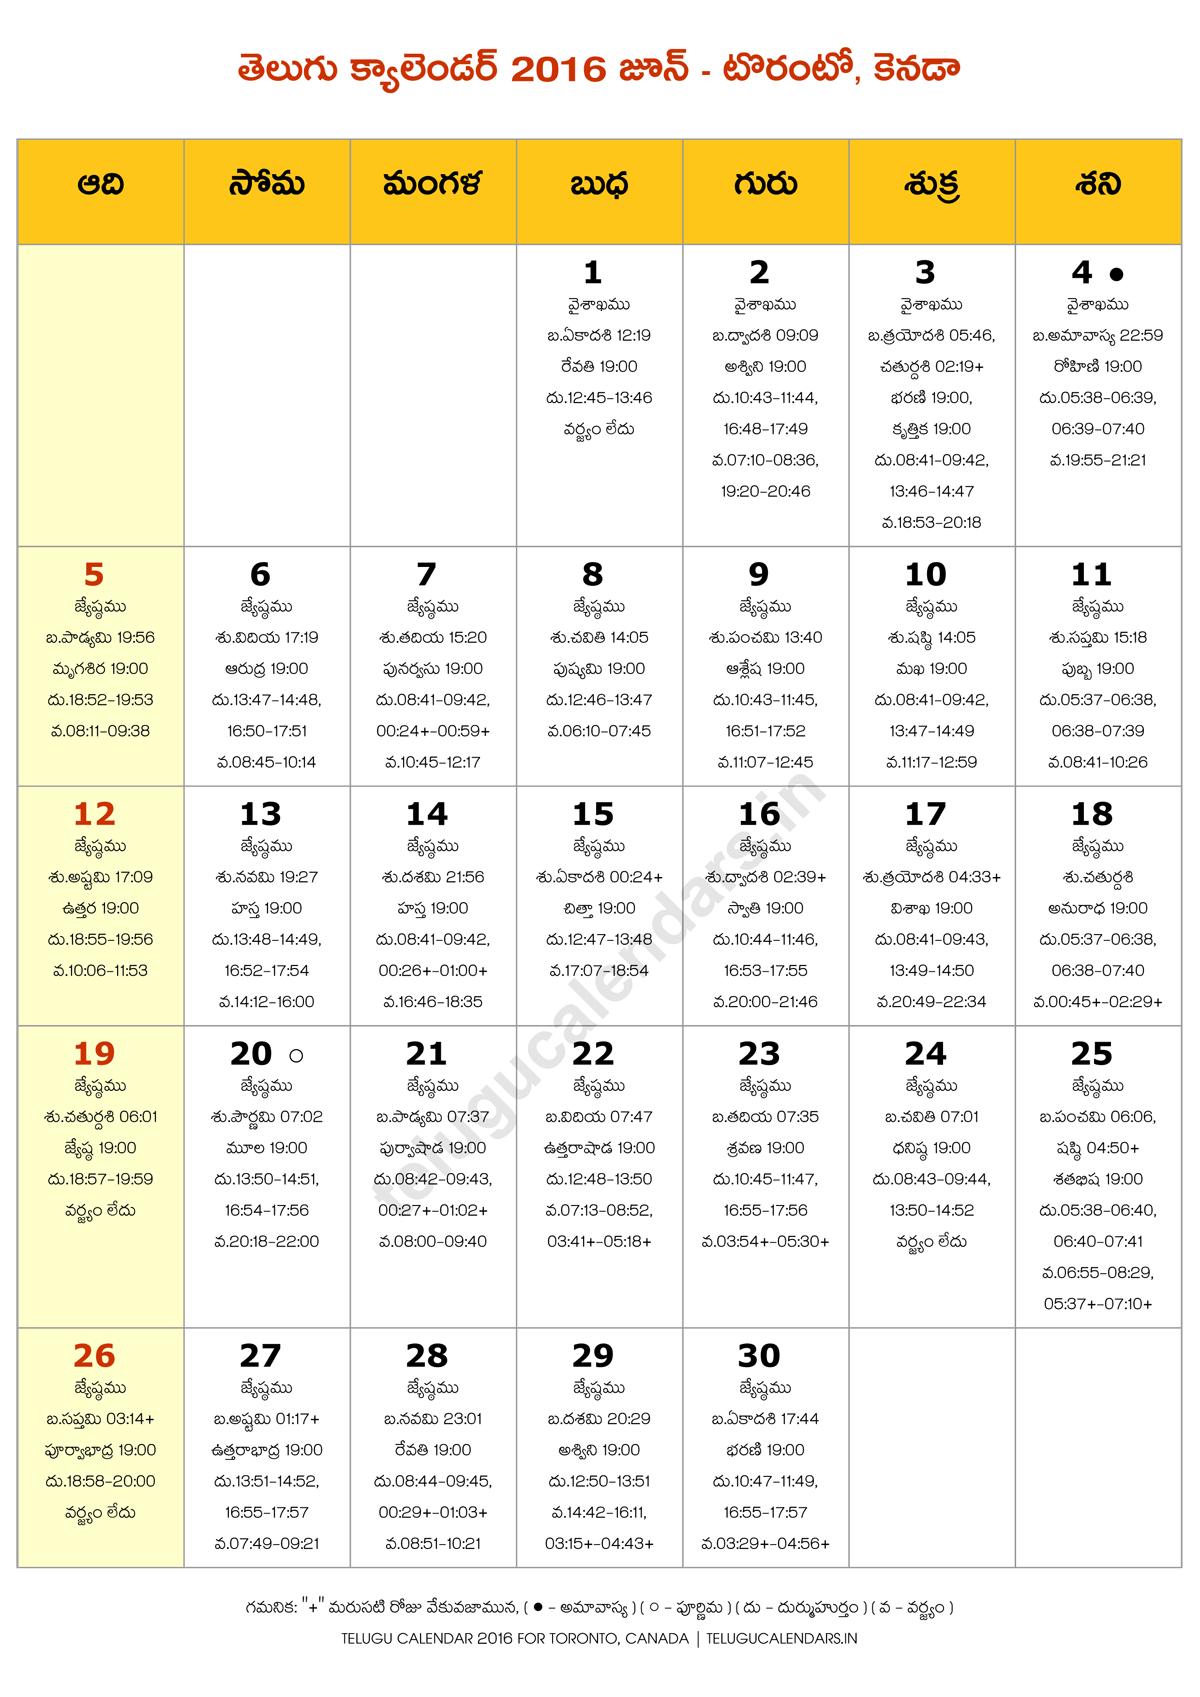 download toronto notes 2016 pdf